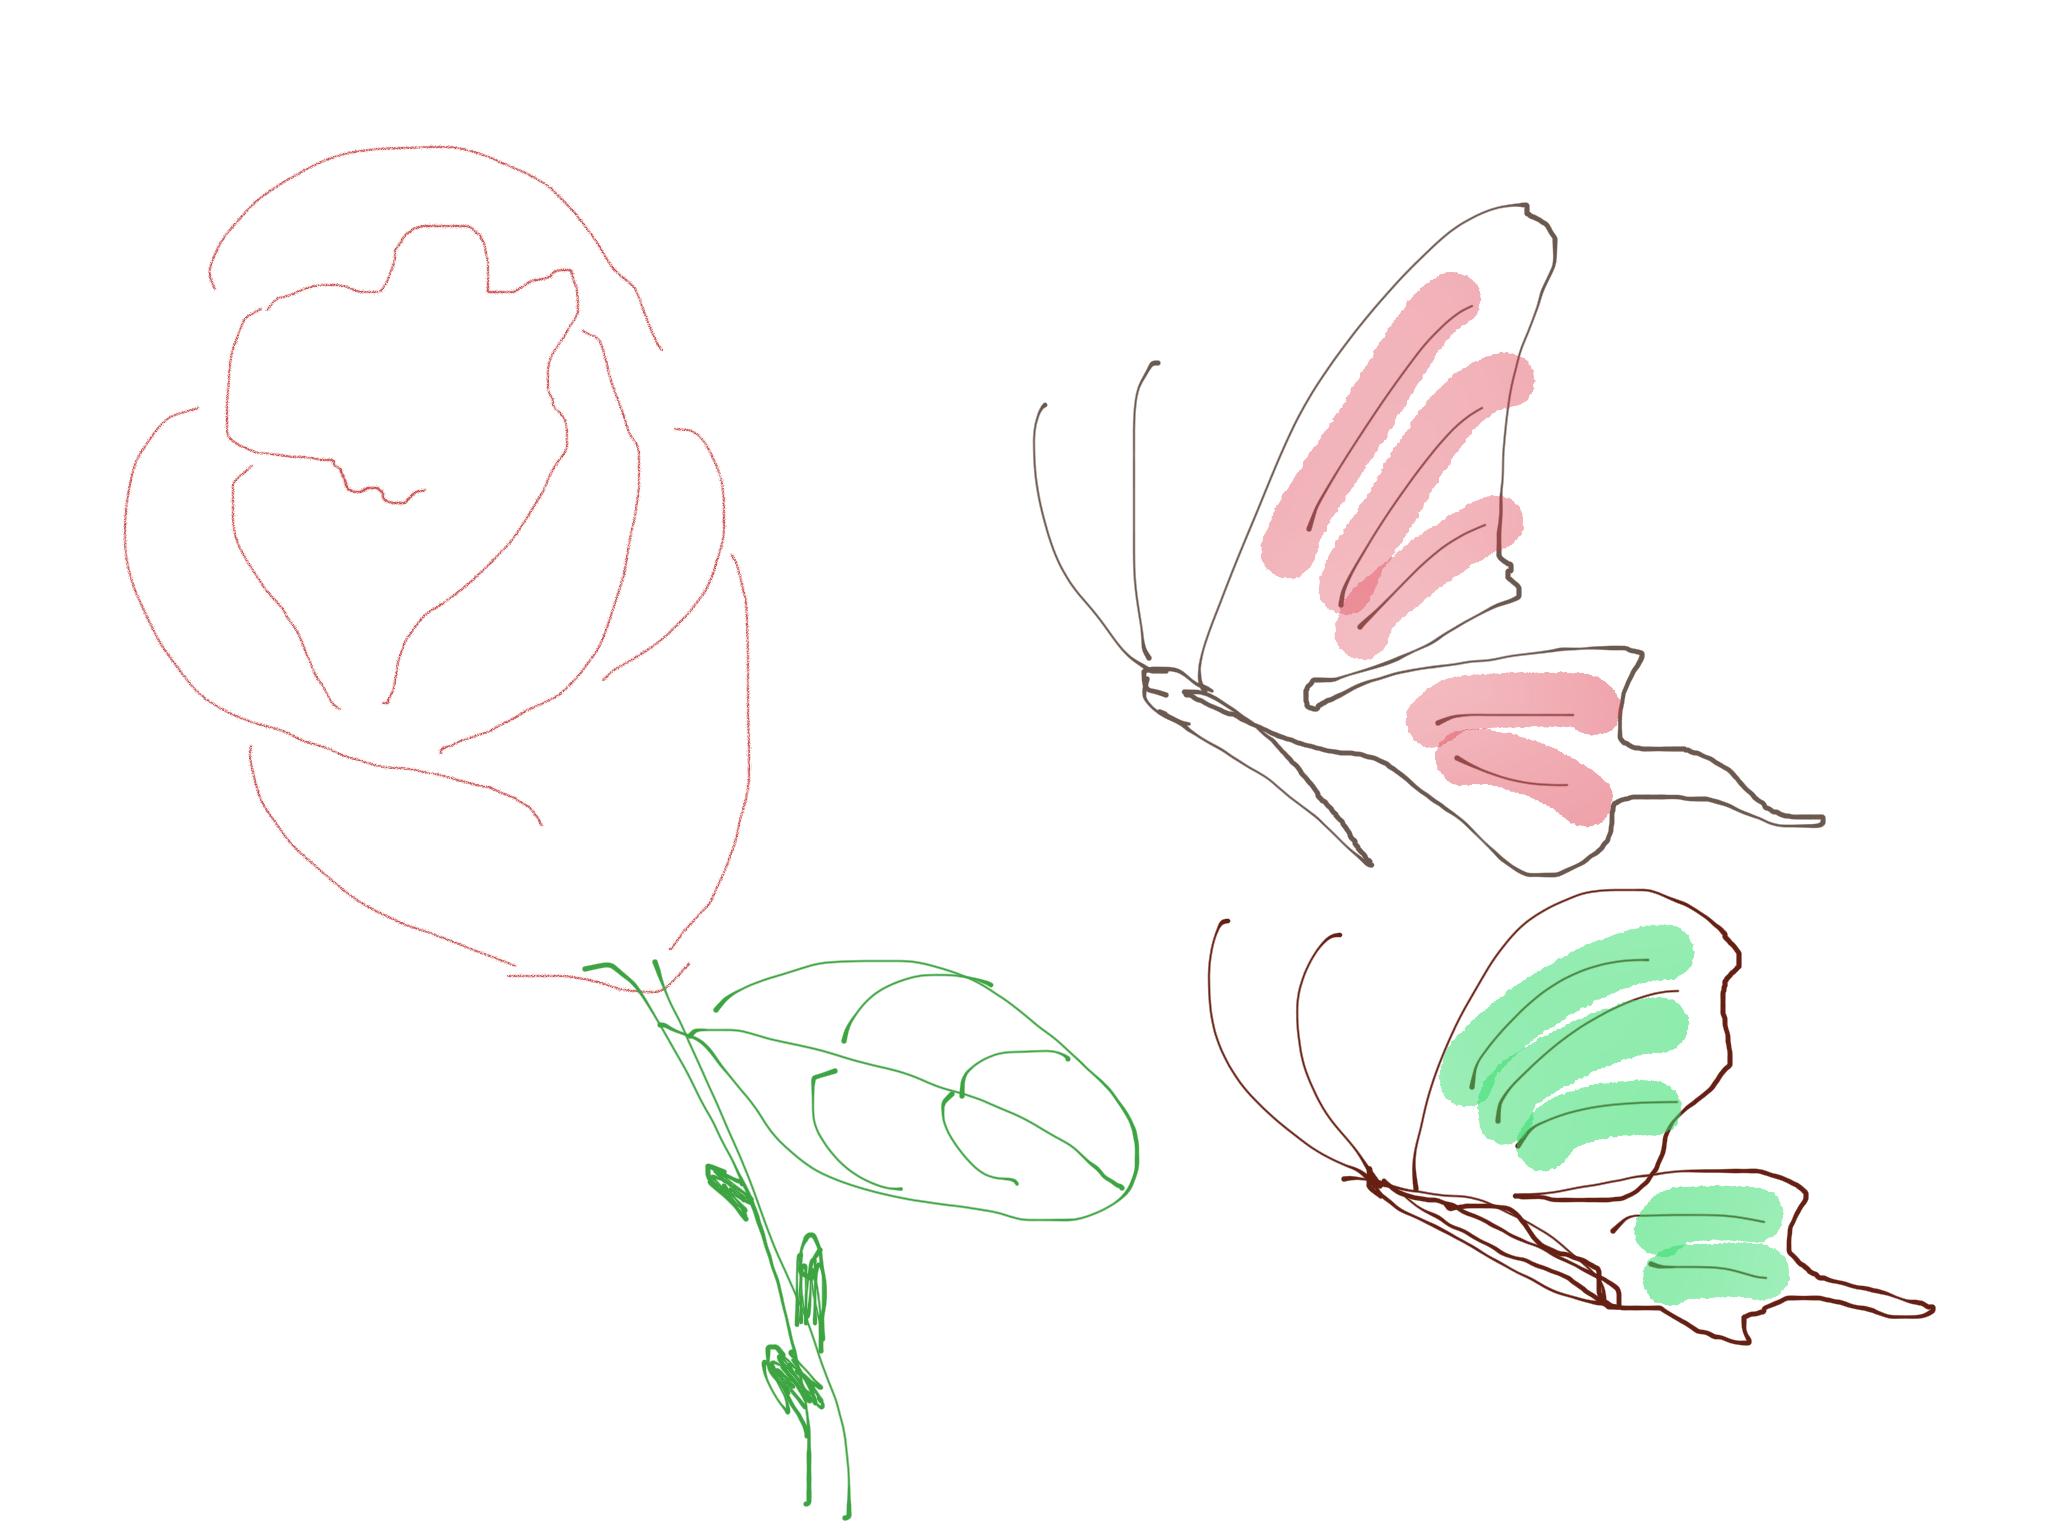 蝴蝶画画大全简单漂亮